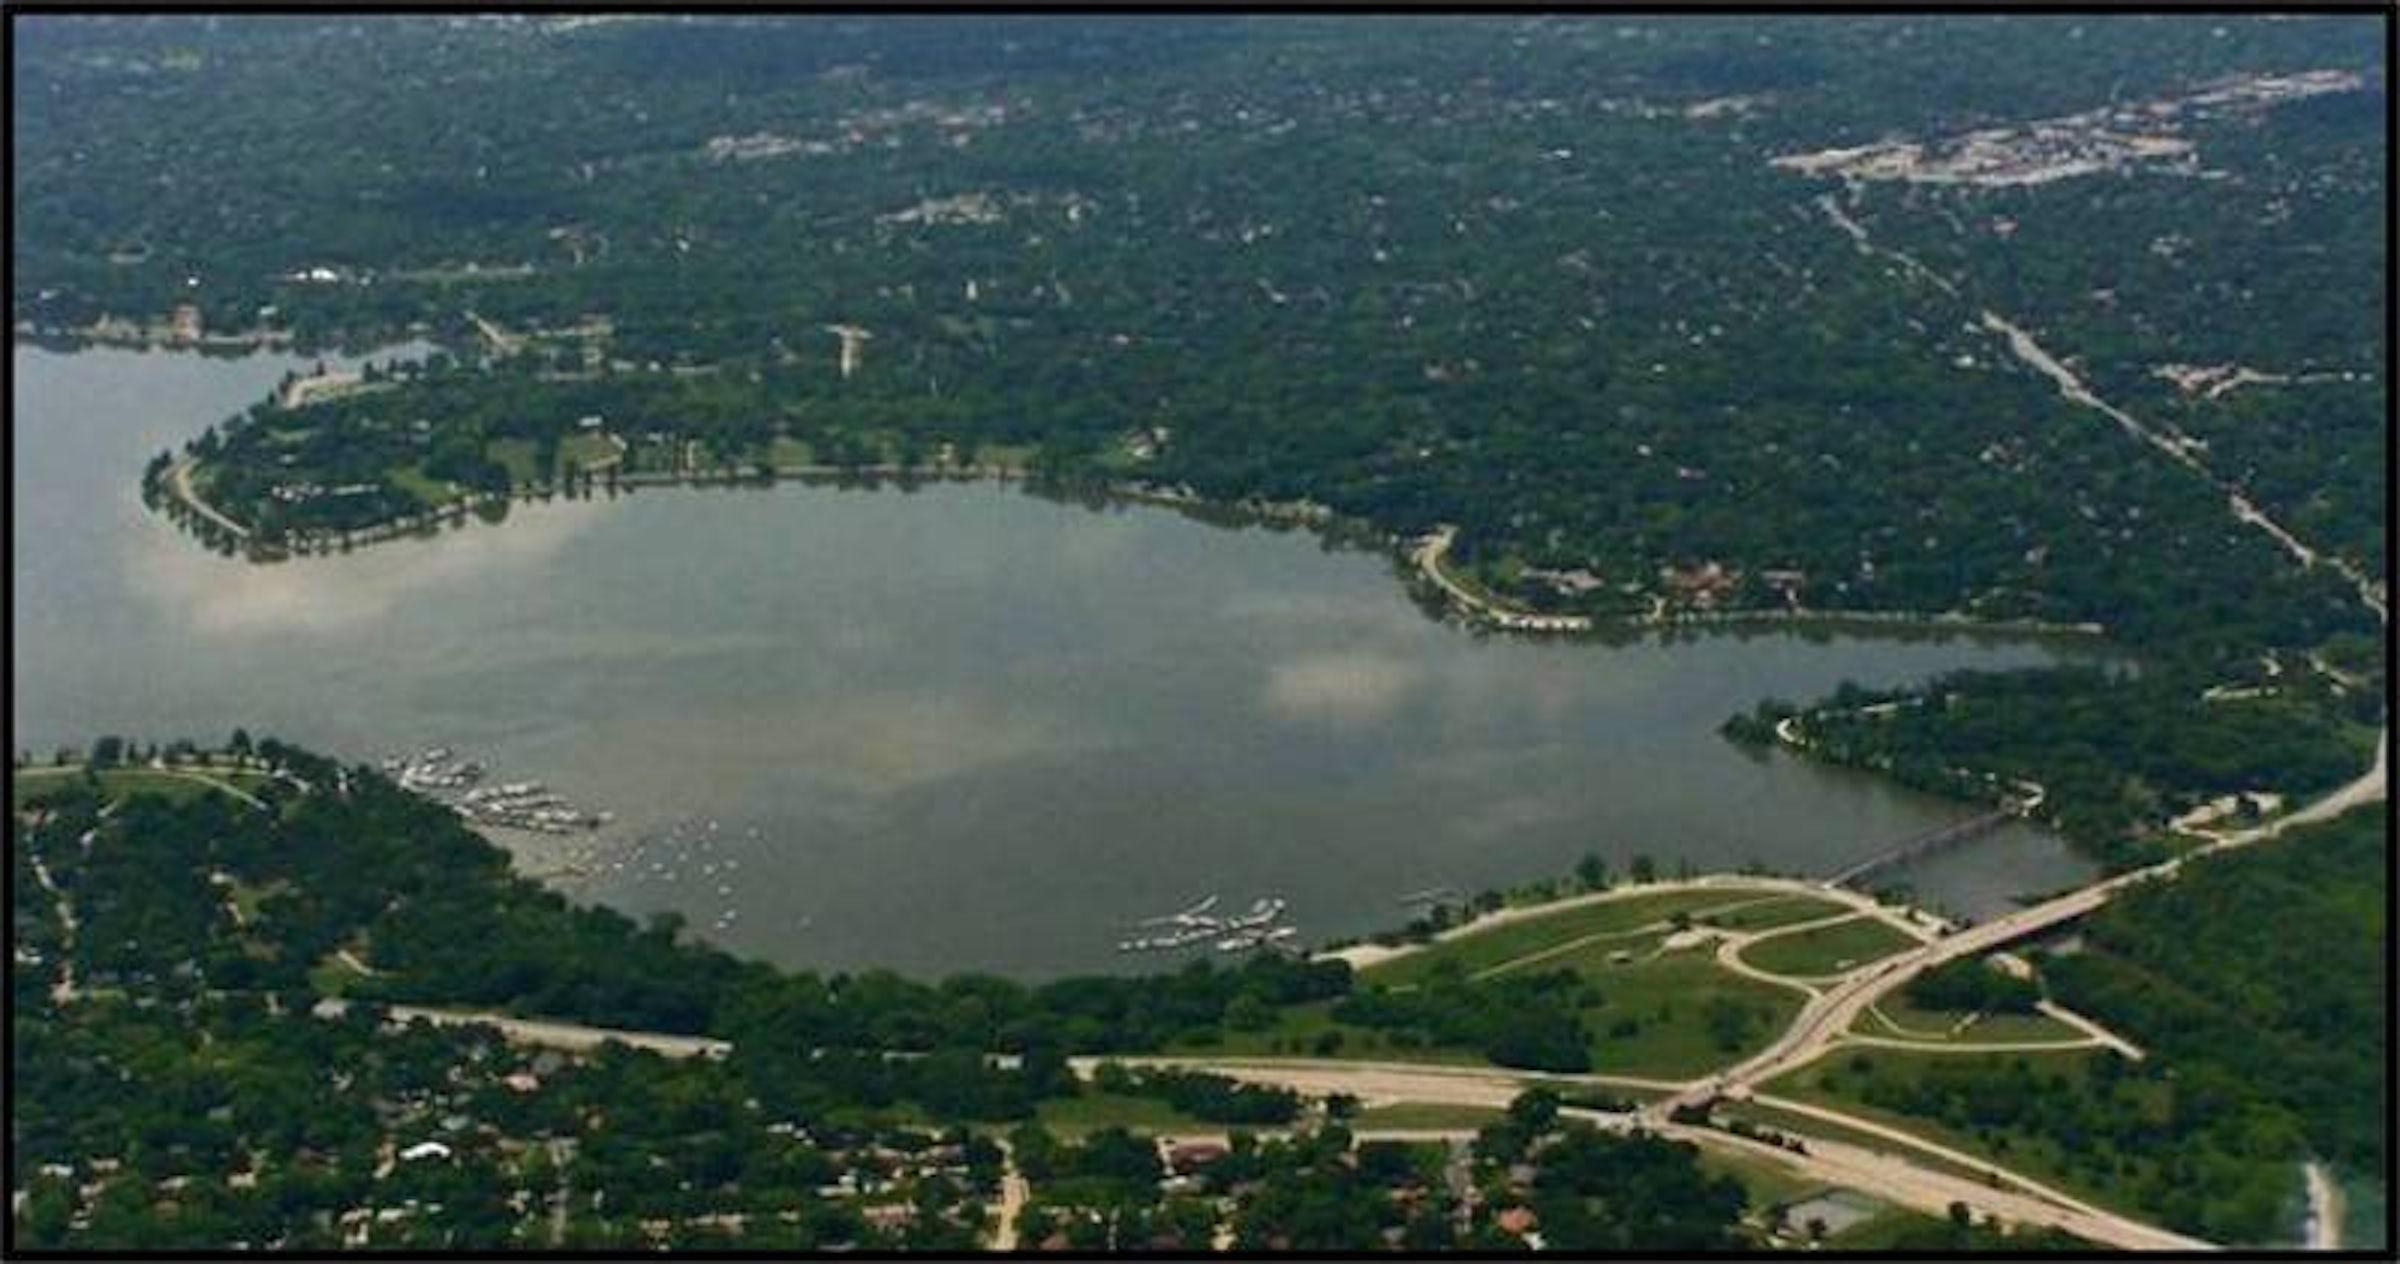 White Rock Lake Park in Beyond Dallas